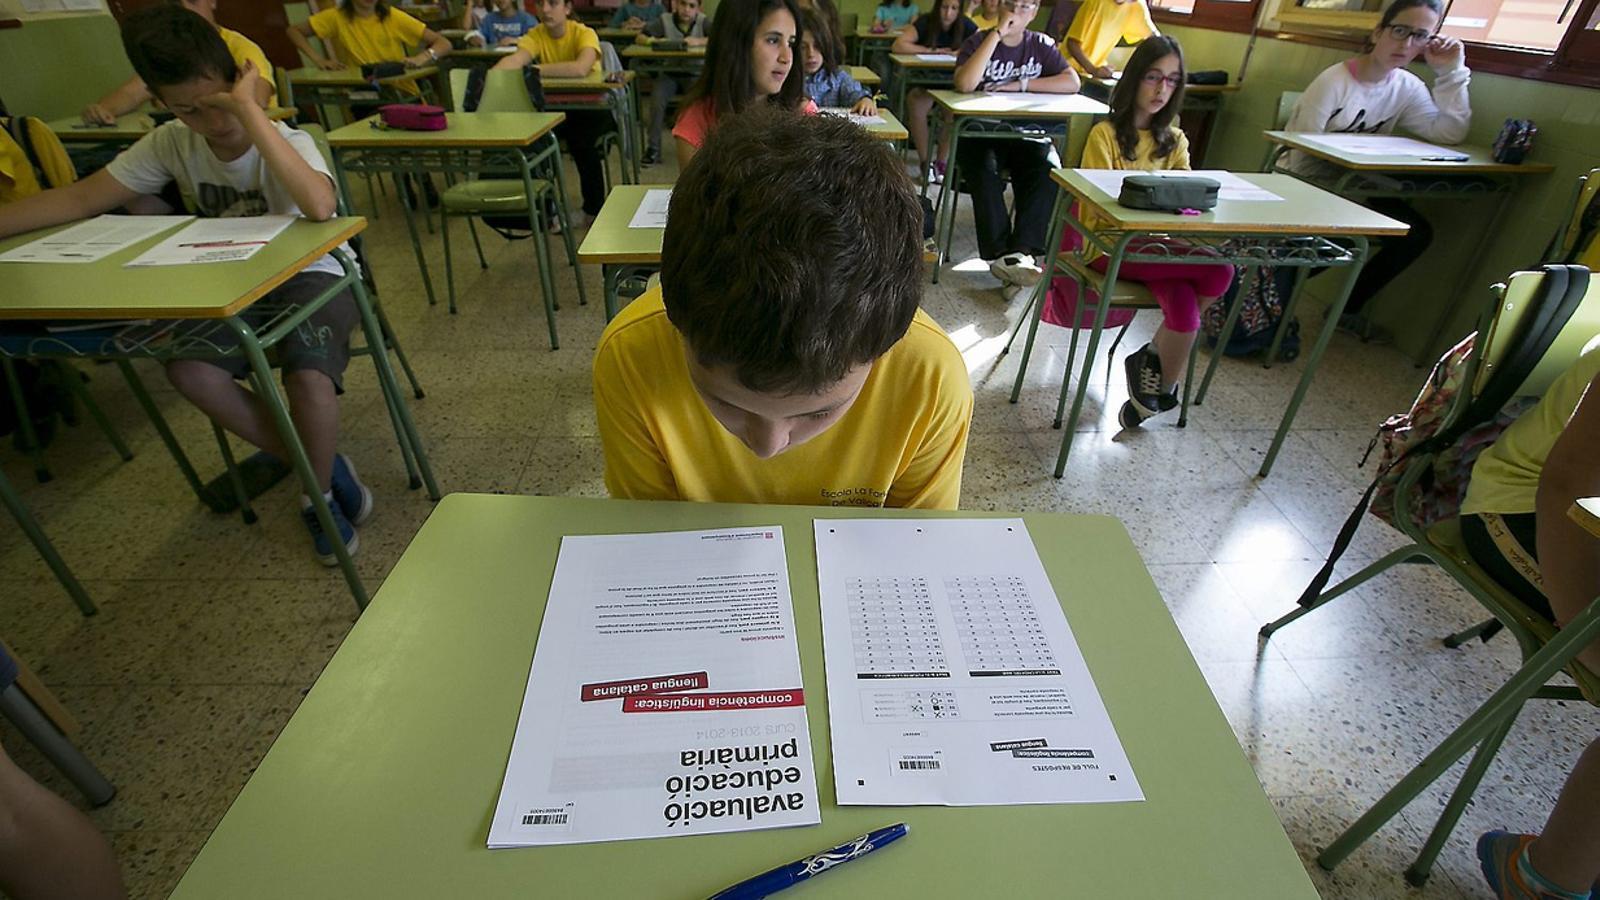 """Deures setmanals, per projectes i """"sense pressió"""". les directrius als mestres durant el confinament"""